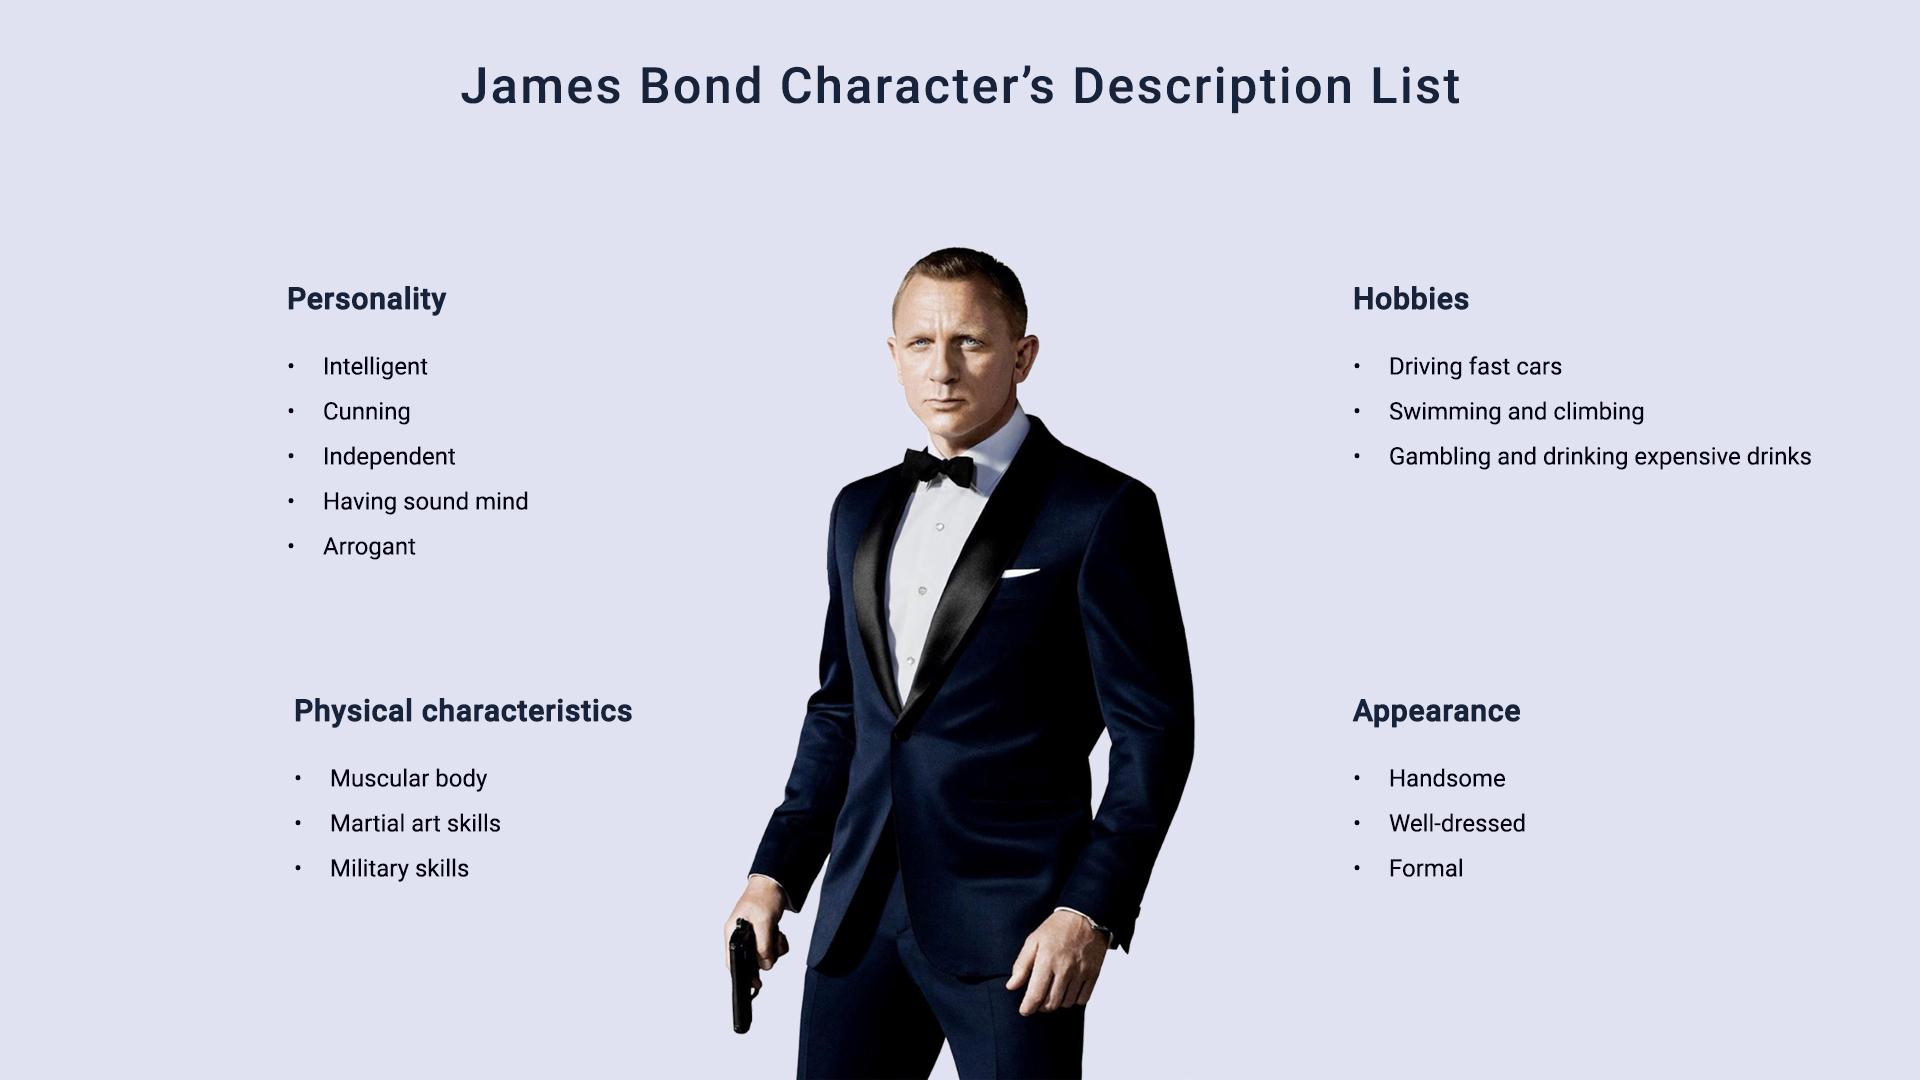 james-bond-Character's-Description-List